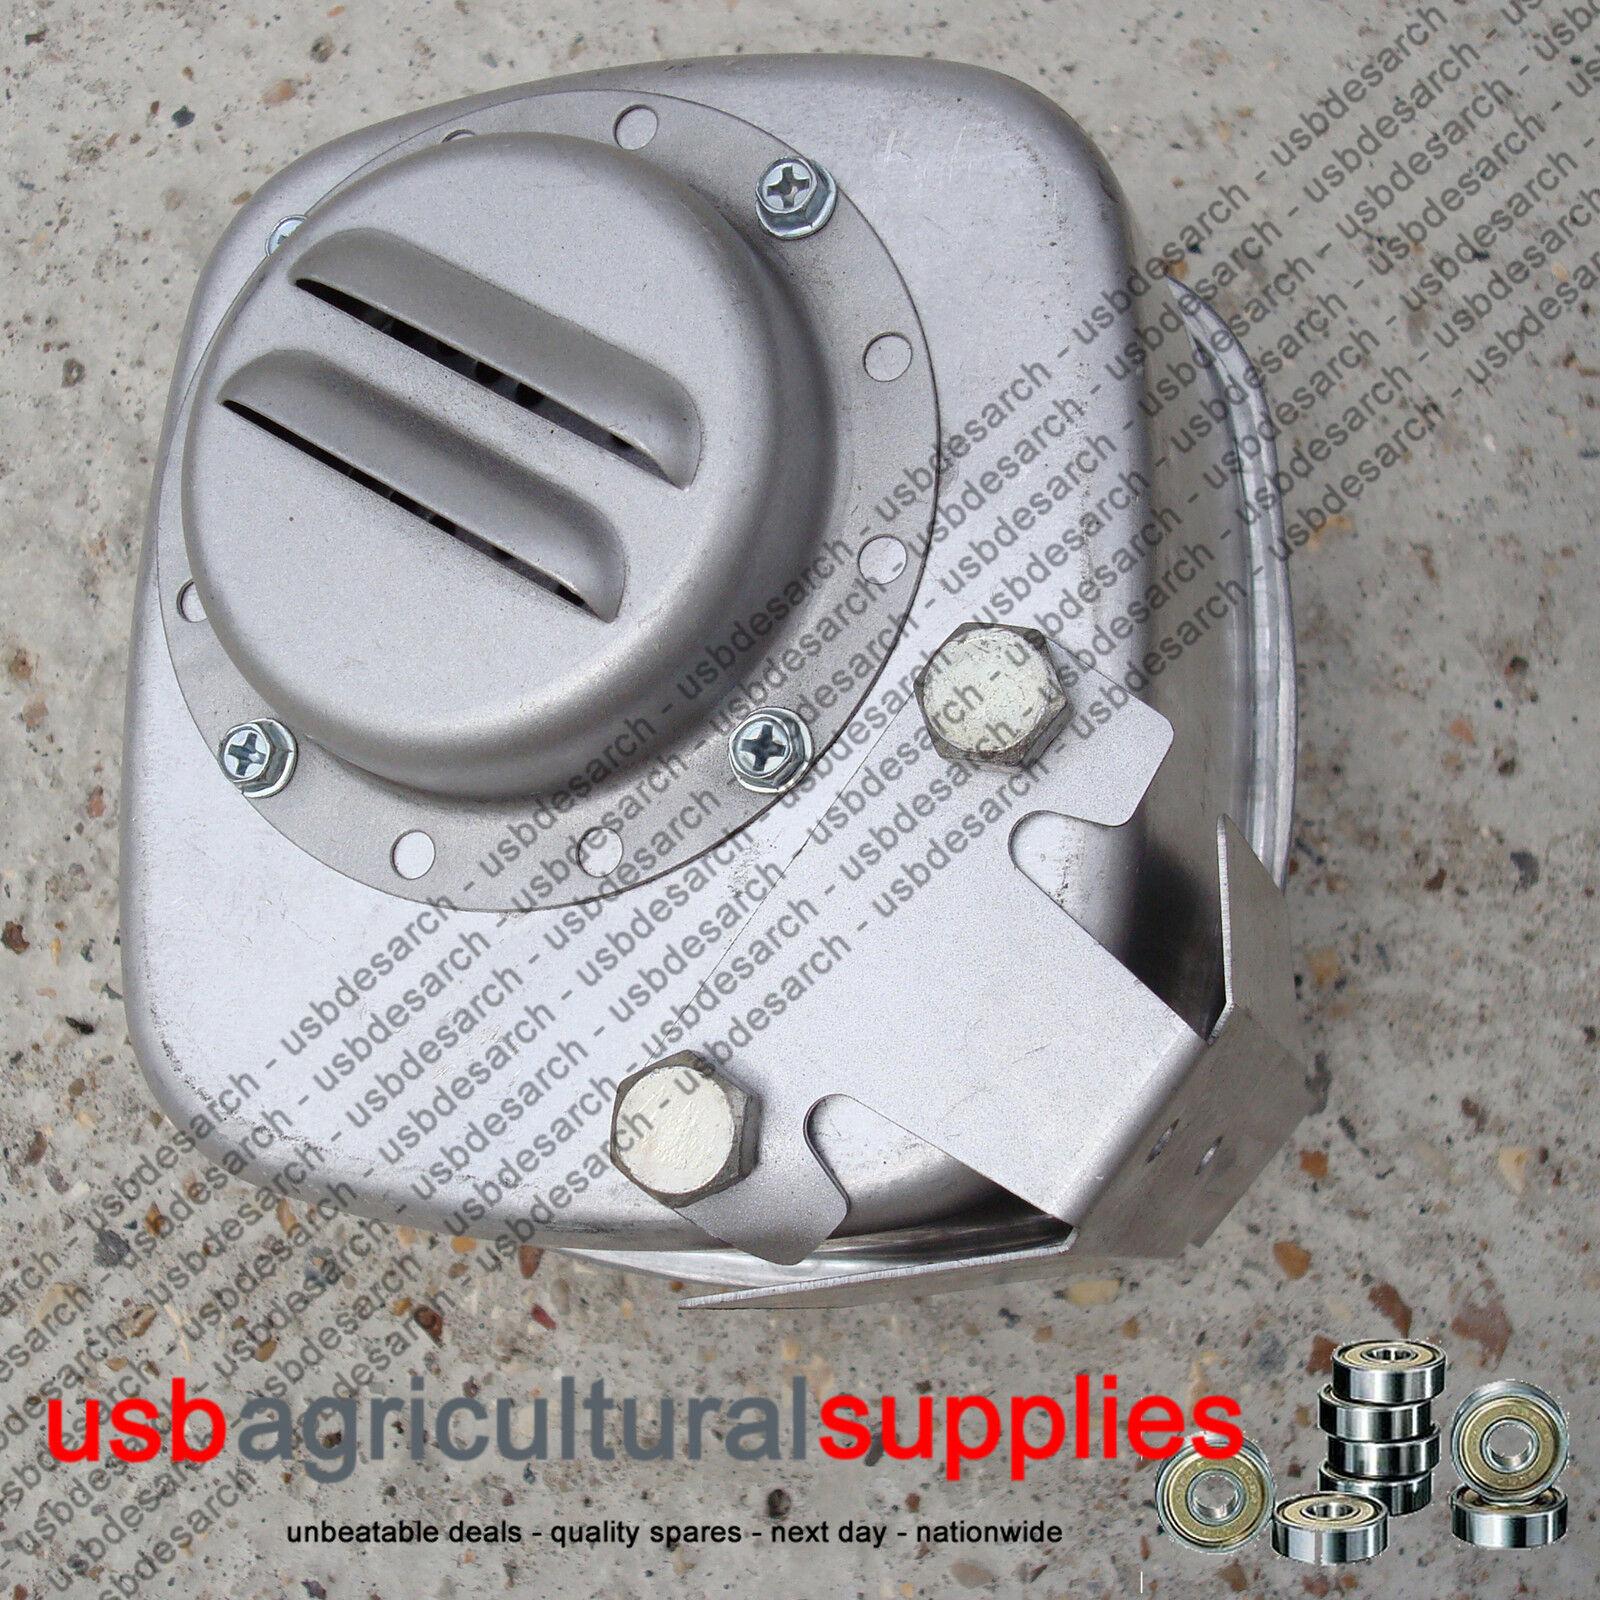 SILENCIADOR De Escape 10 12.5 HP Genuino Briggs & Stratton BS491413 BS691874 BS394170